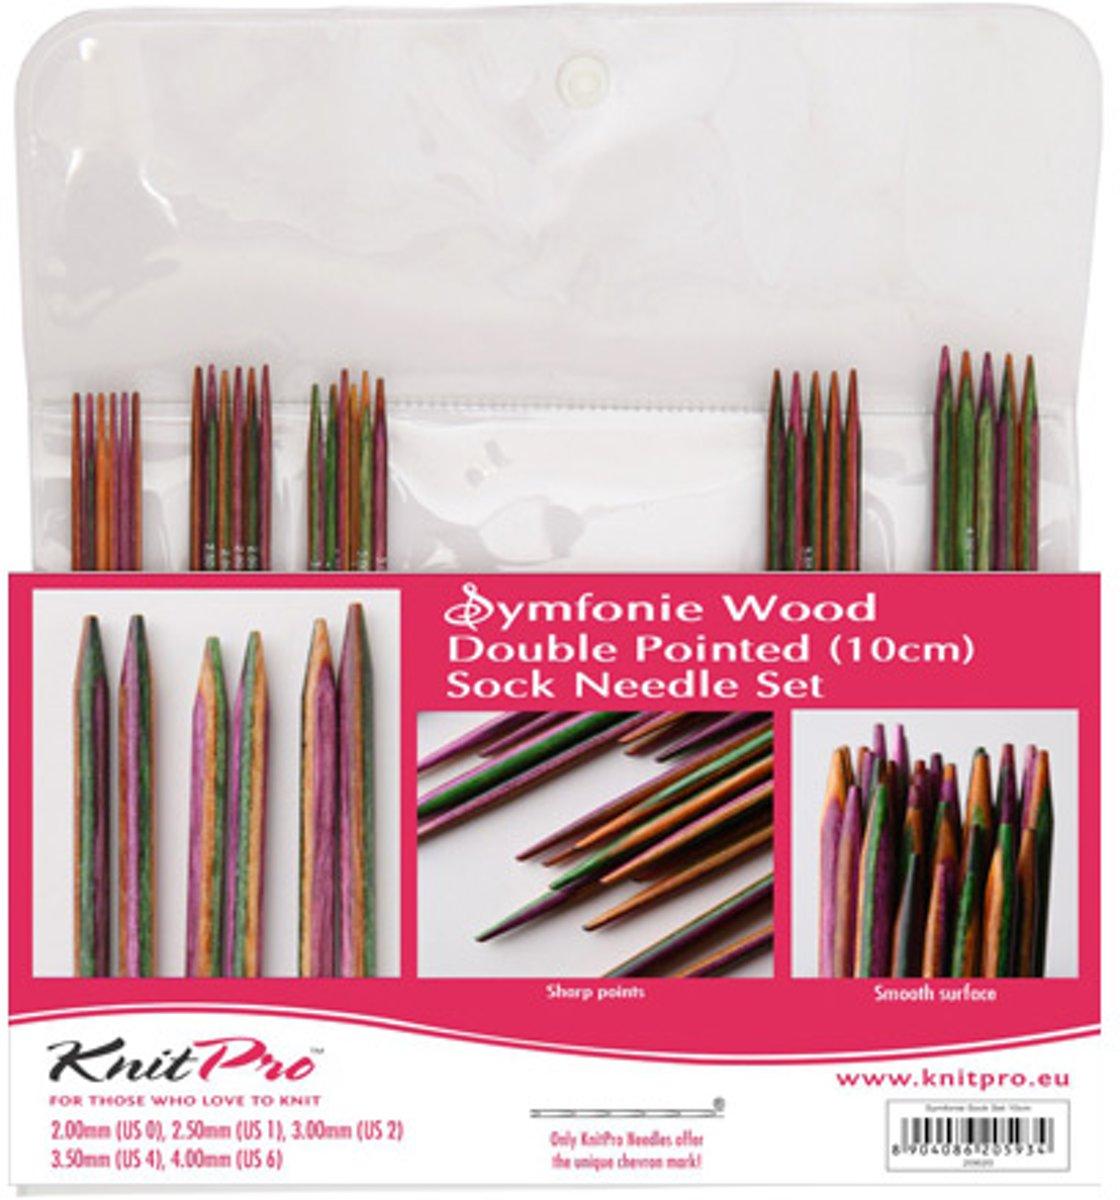 KnitPro Symfonie Wood sokkennaalden 10cm - set kopen